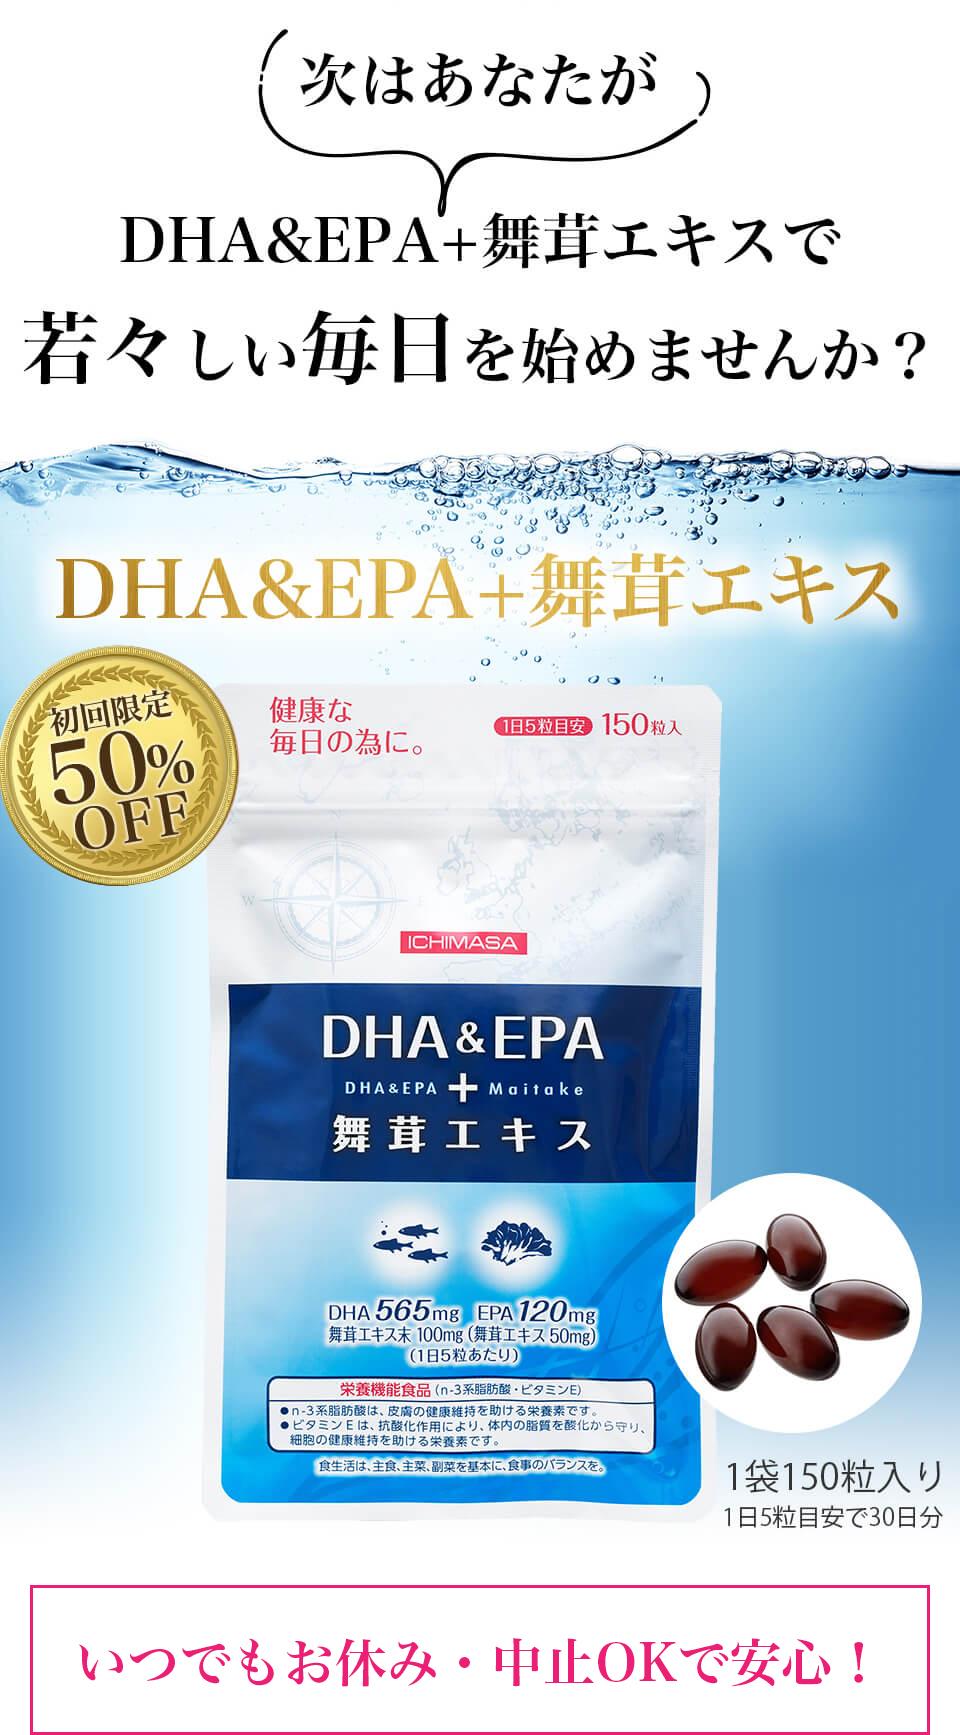 DHA&EPA+舞茸エキス サプリメント n︲3系脂肪酸 ビタミンE 1日たったの5粒飲むだけ!忙しい毎日でも続けられます!